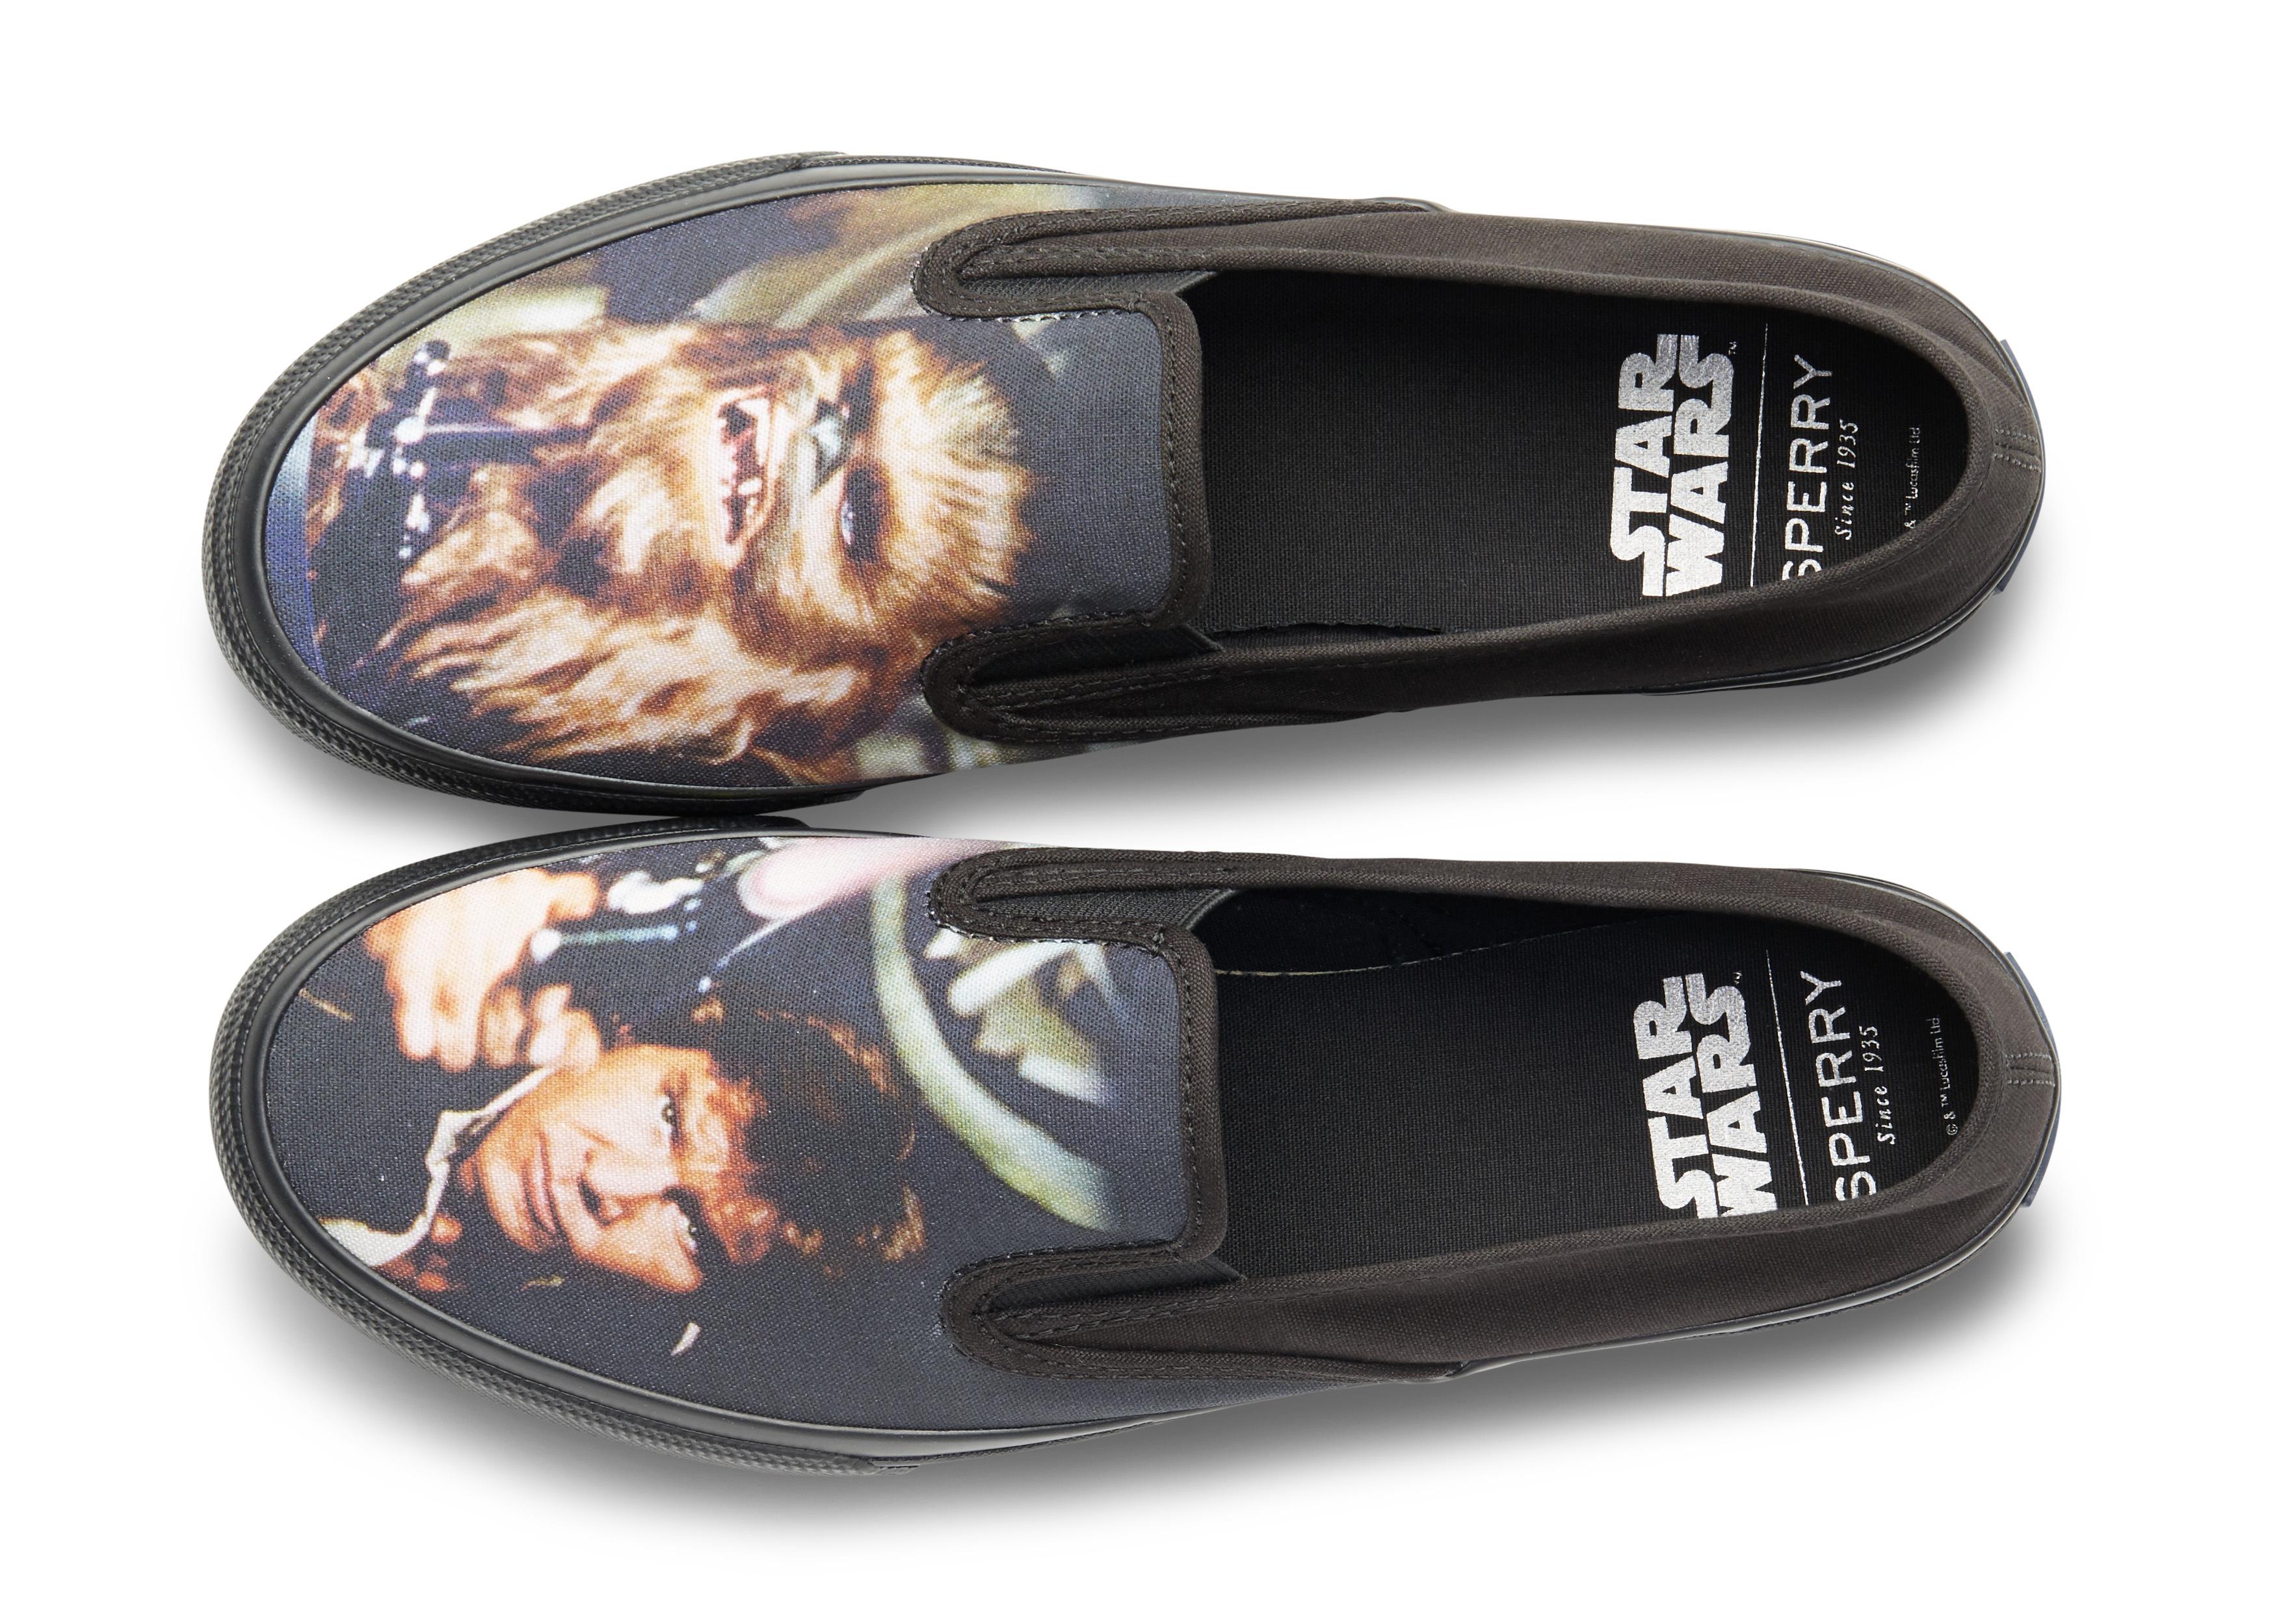 Star Wars x Sperry - Englin's Fine Footwear